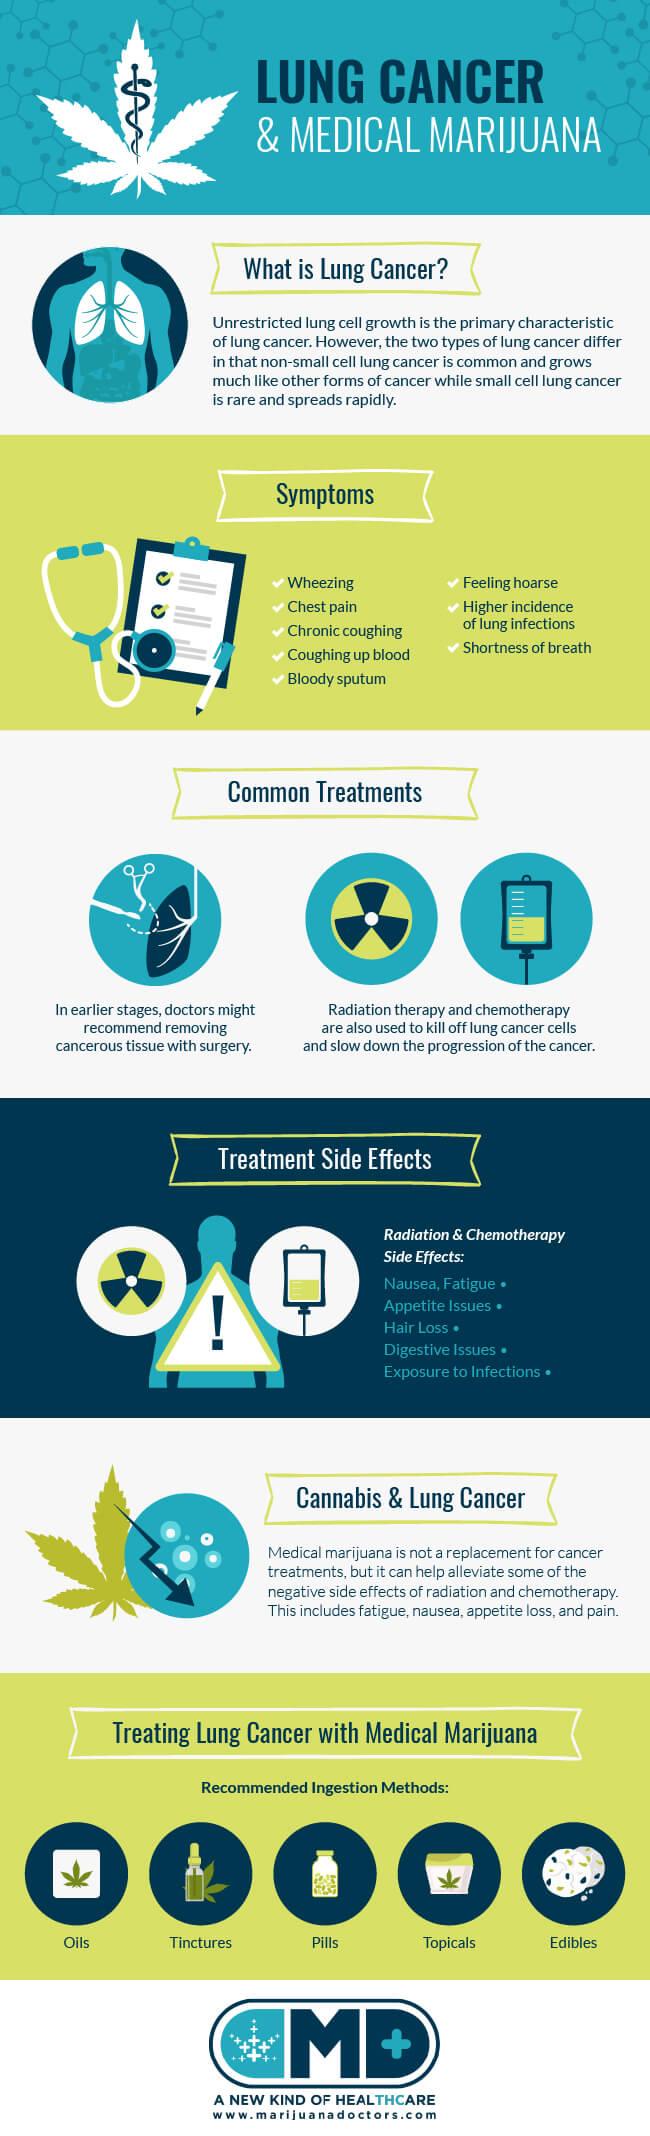 Lung Cancer and Medical Marijuana